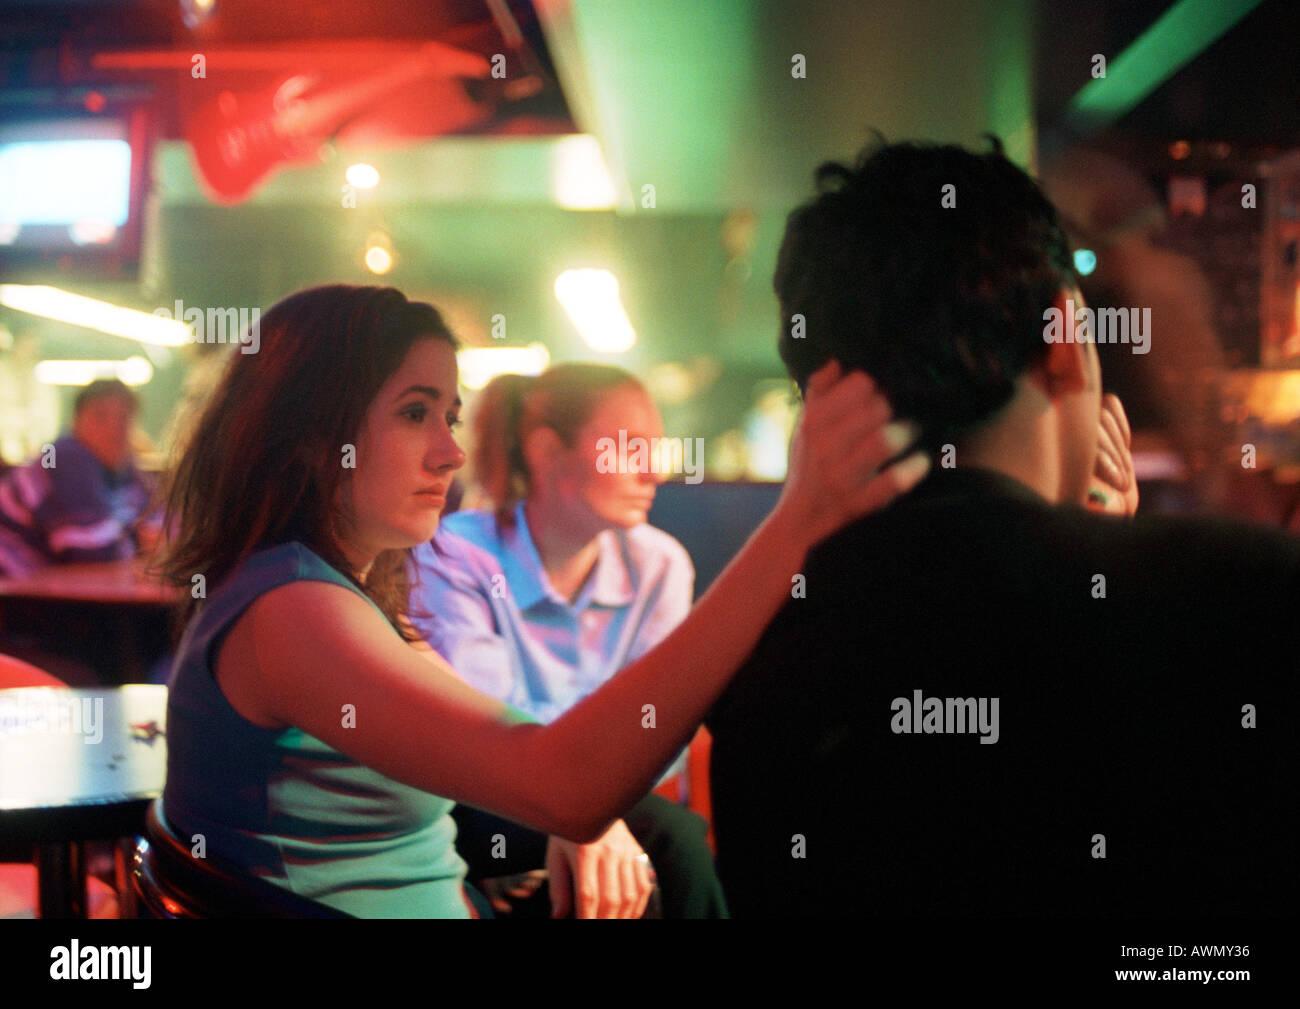 Joven y la joven mujer sentada en bares Imagen De Stock